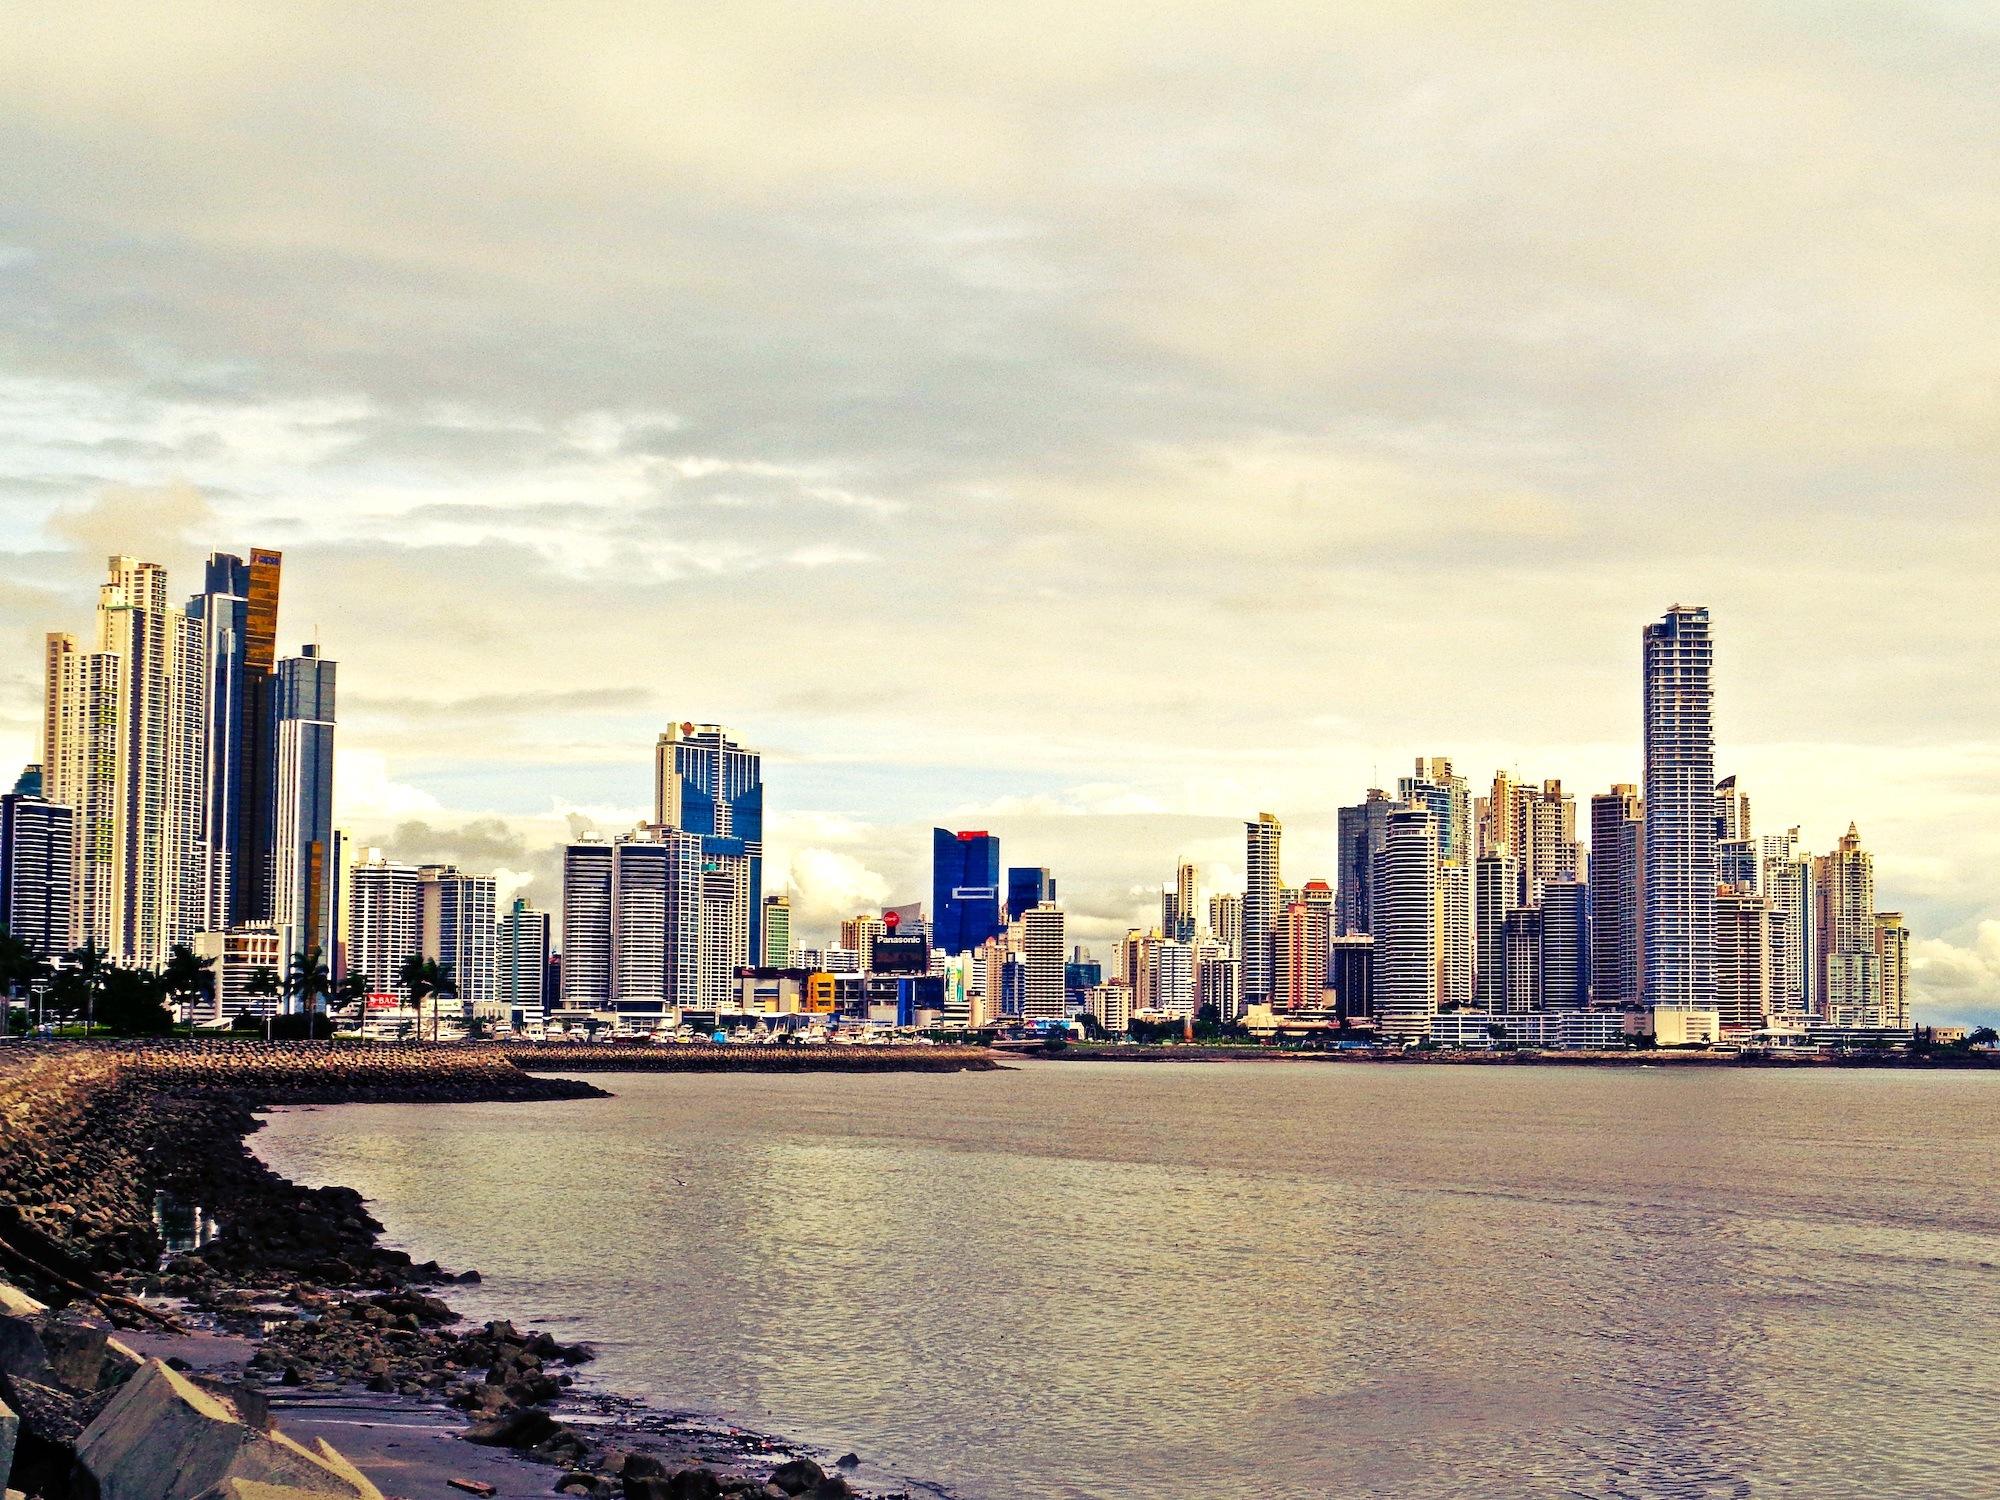 Panama City Waterfront